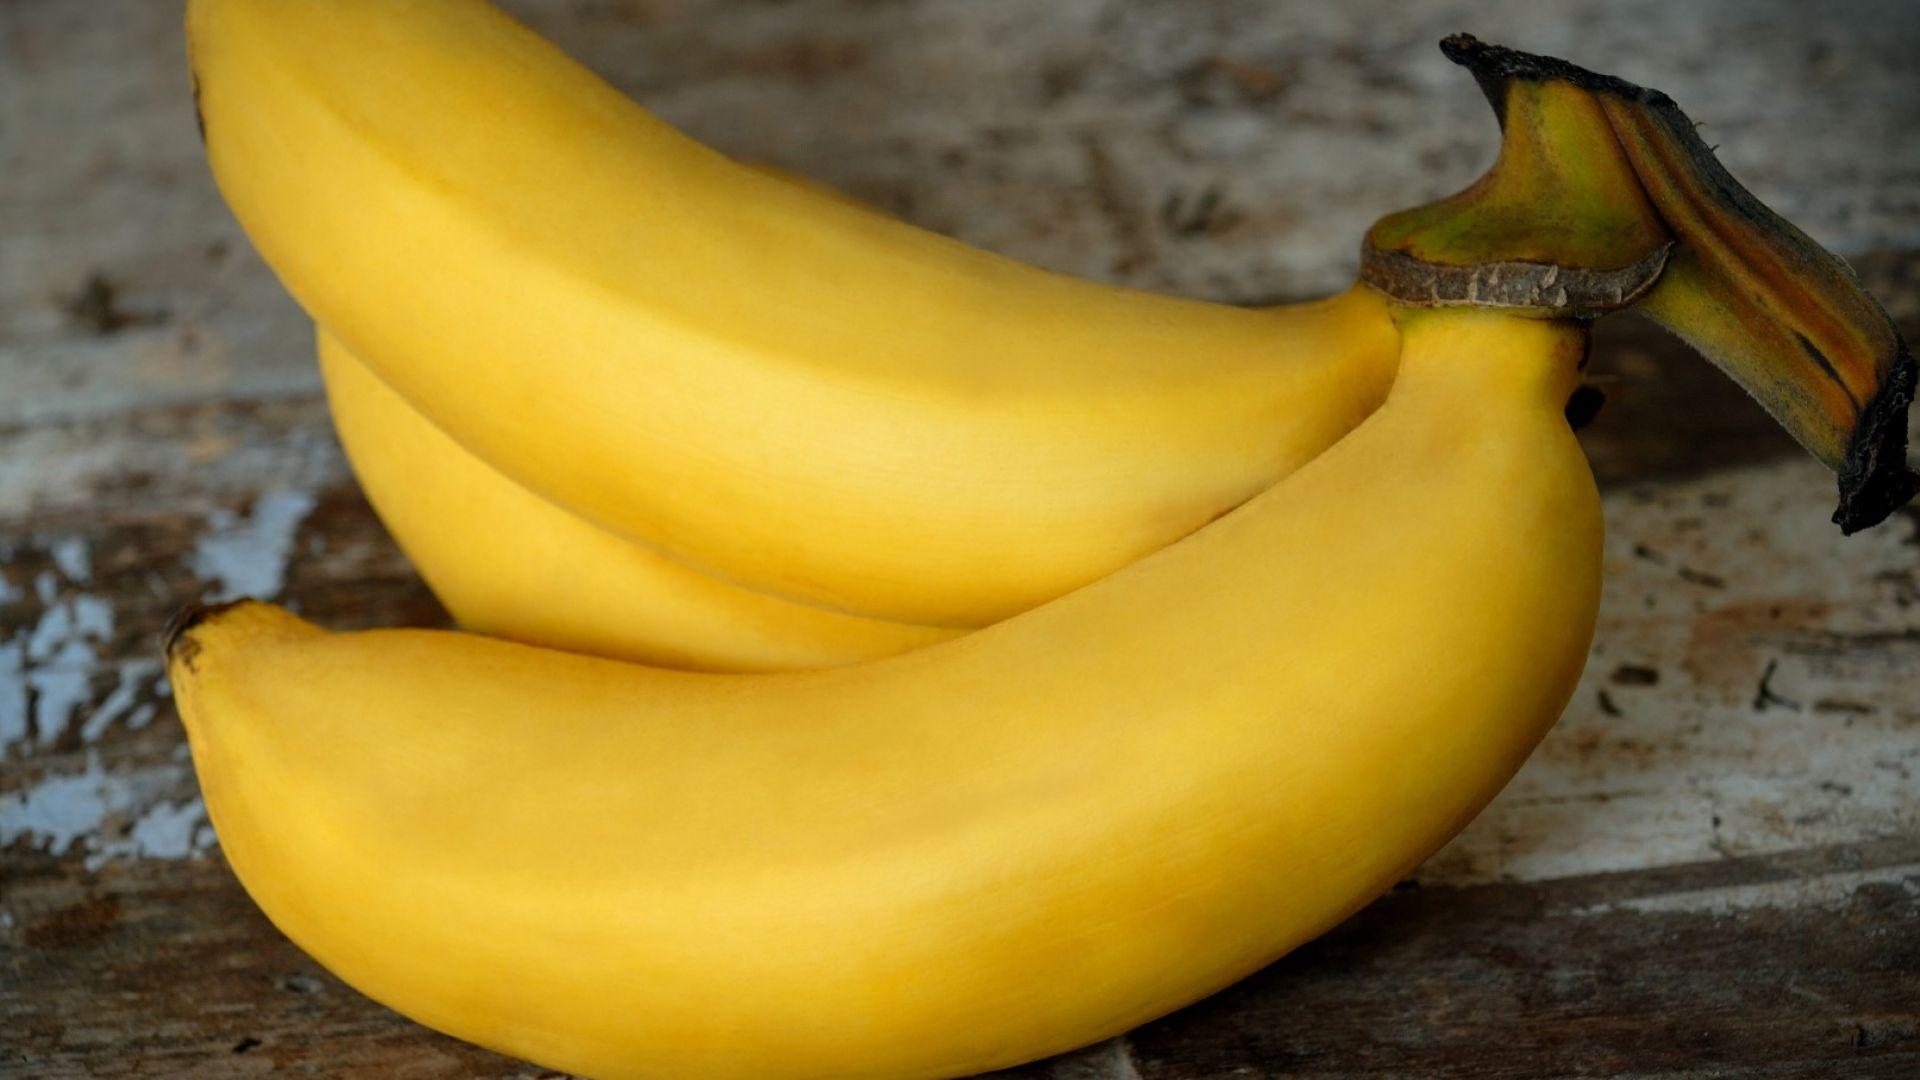 Гро Мишел -  е бил значително по-ароматен, вкусен, кремообразен и малко по-едър и дебел от сегашните най-разпространени два вида търговски банани